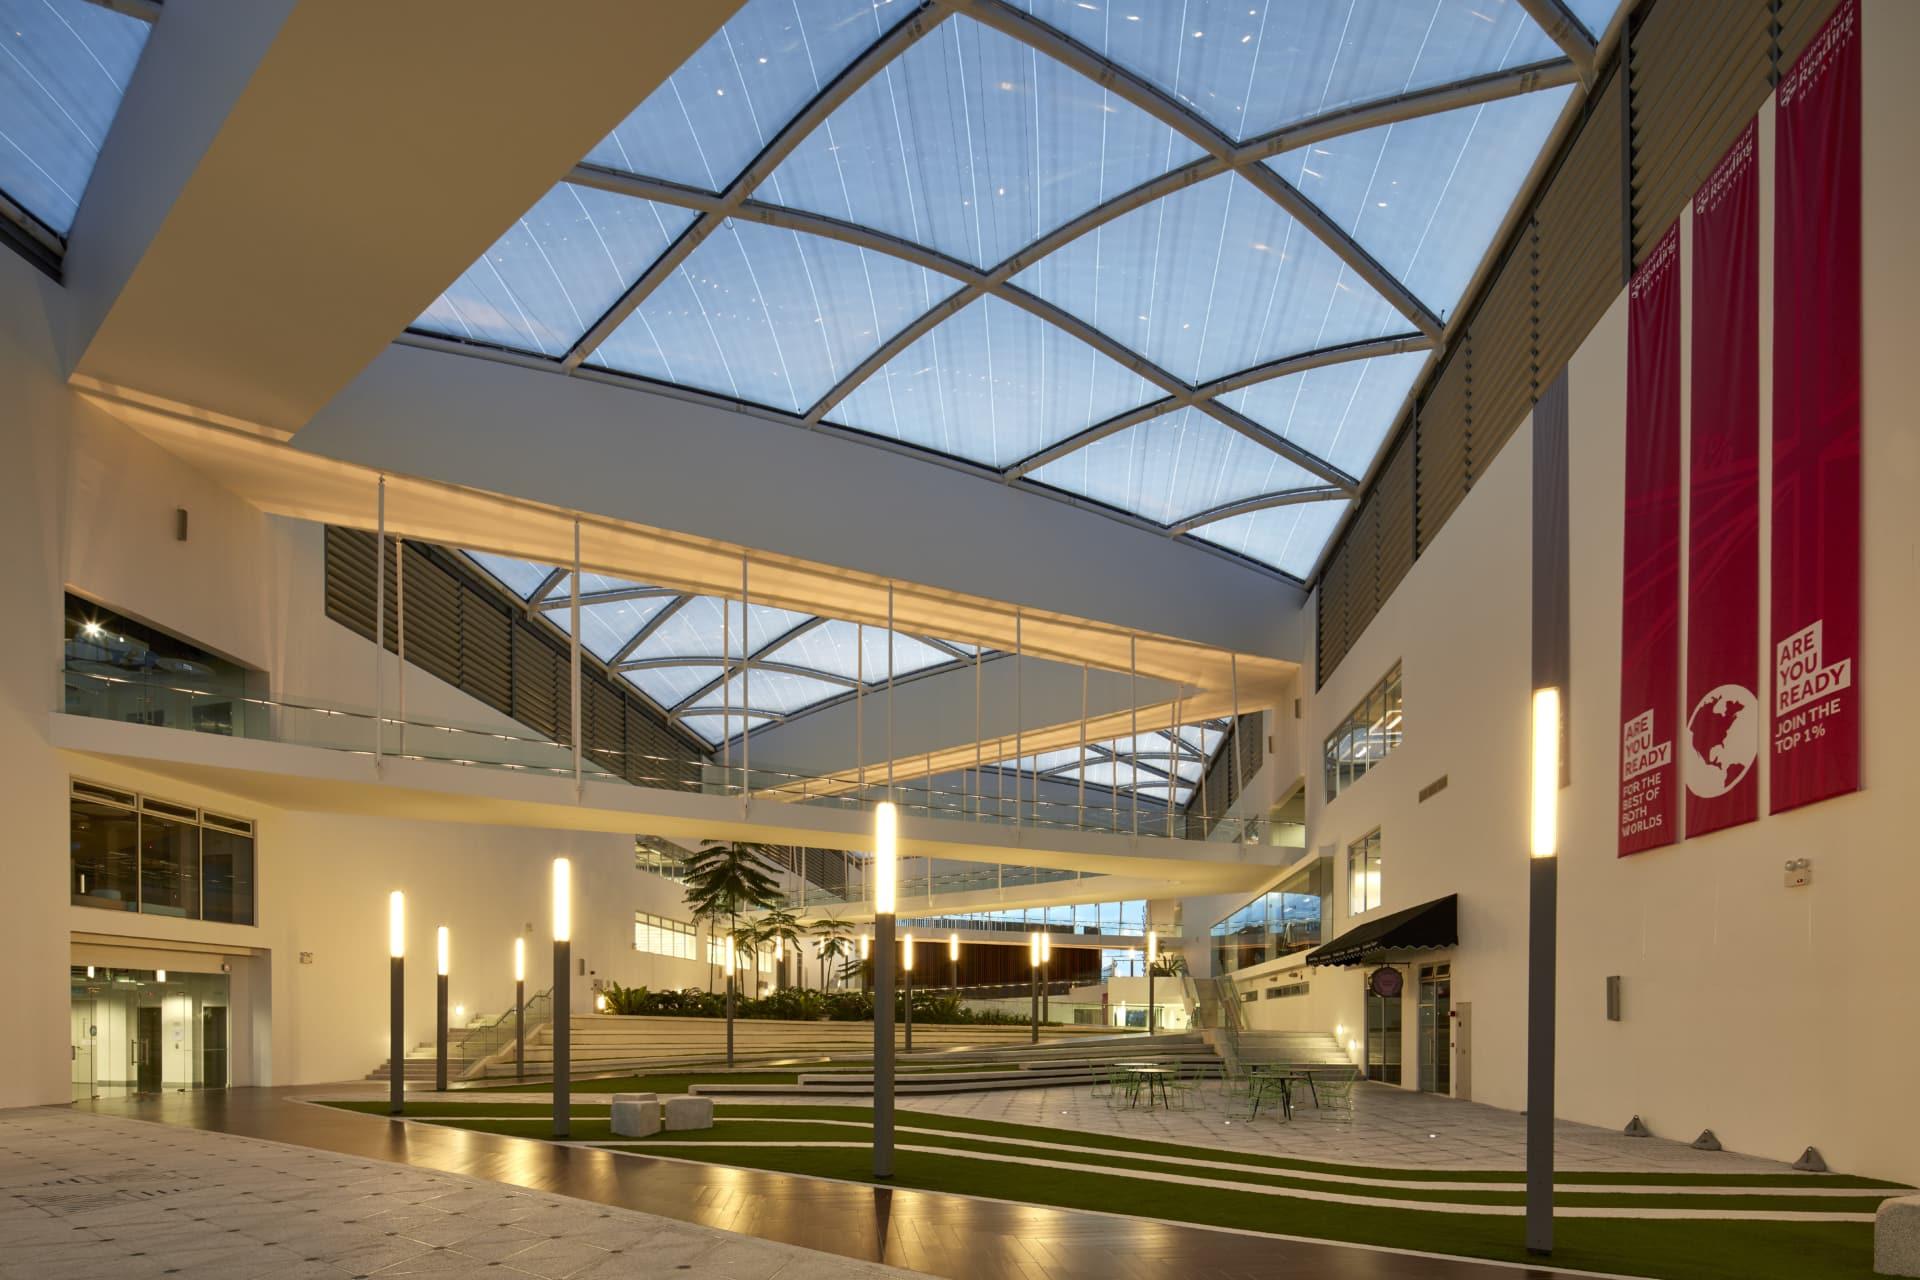 Über 2.500 m² Texlon® ETFE wurden im zentralen Atrium der Universität in Malaysia installiert.